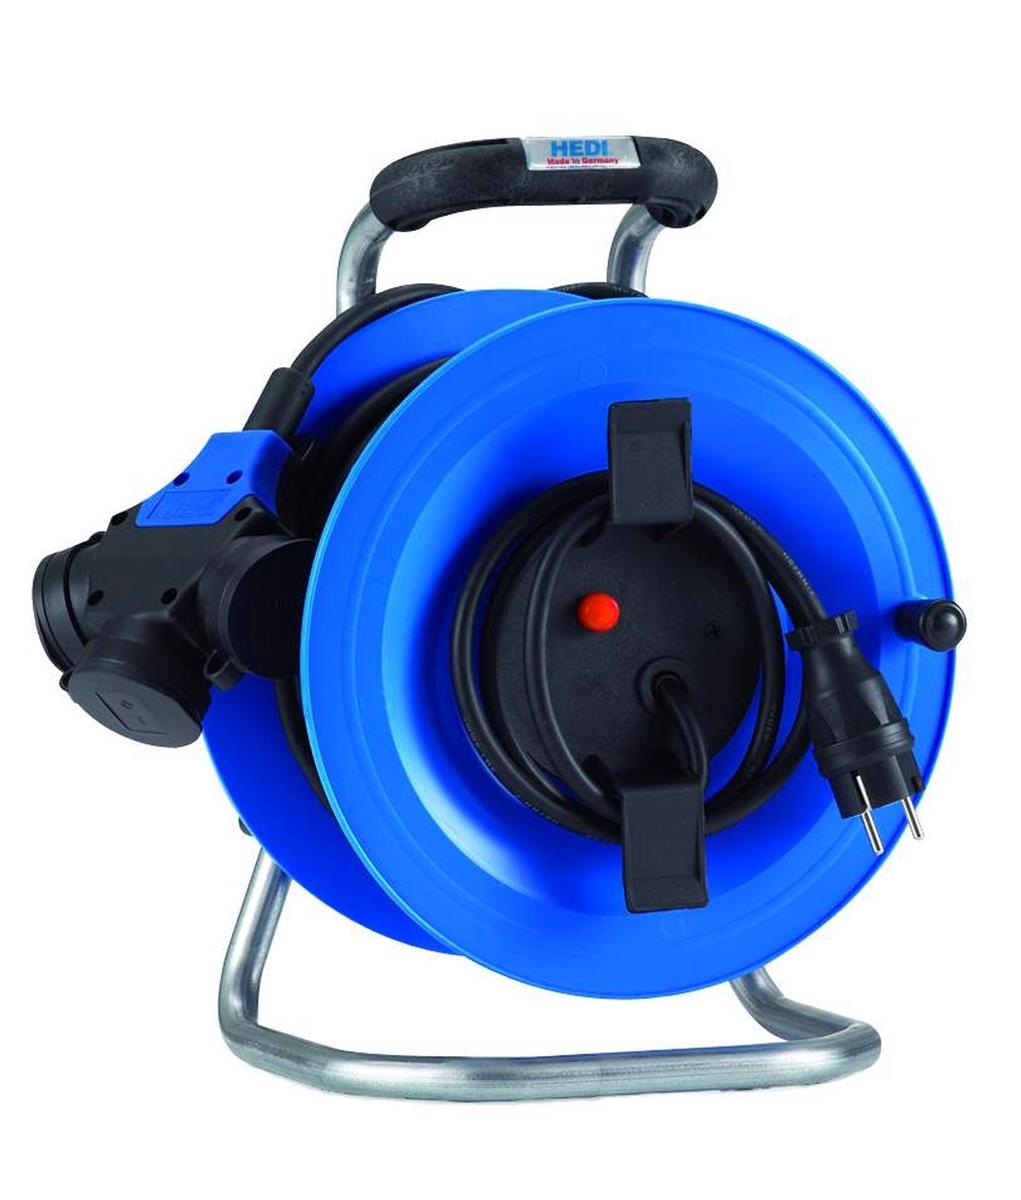 hedi g2y25ntfhk kunststoff kabeltrommel 25m 3 fach kupplung f r au en blau neu. Black Bedroom Furniture Sets. Home Design Ideas